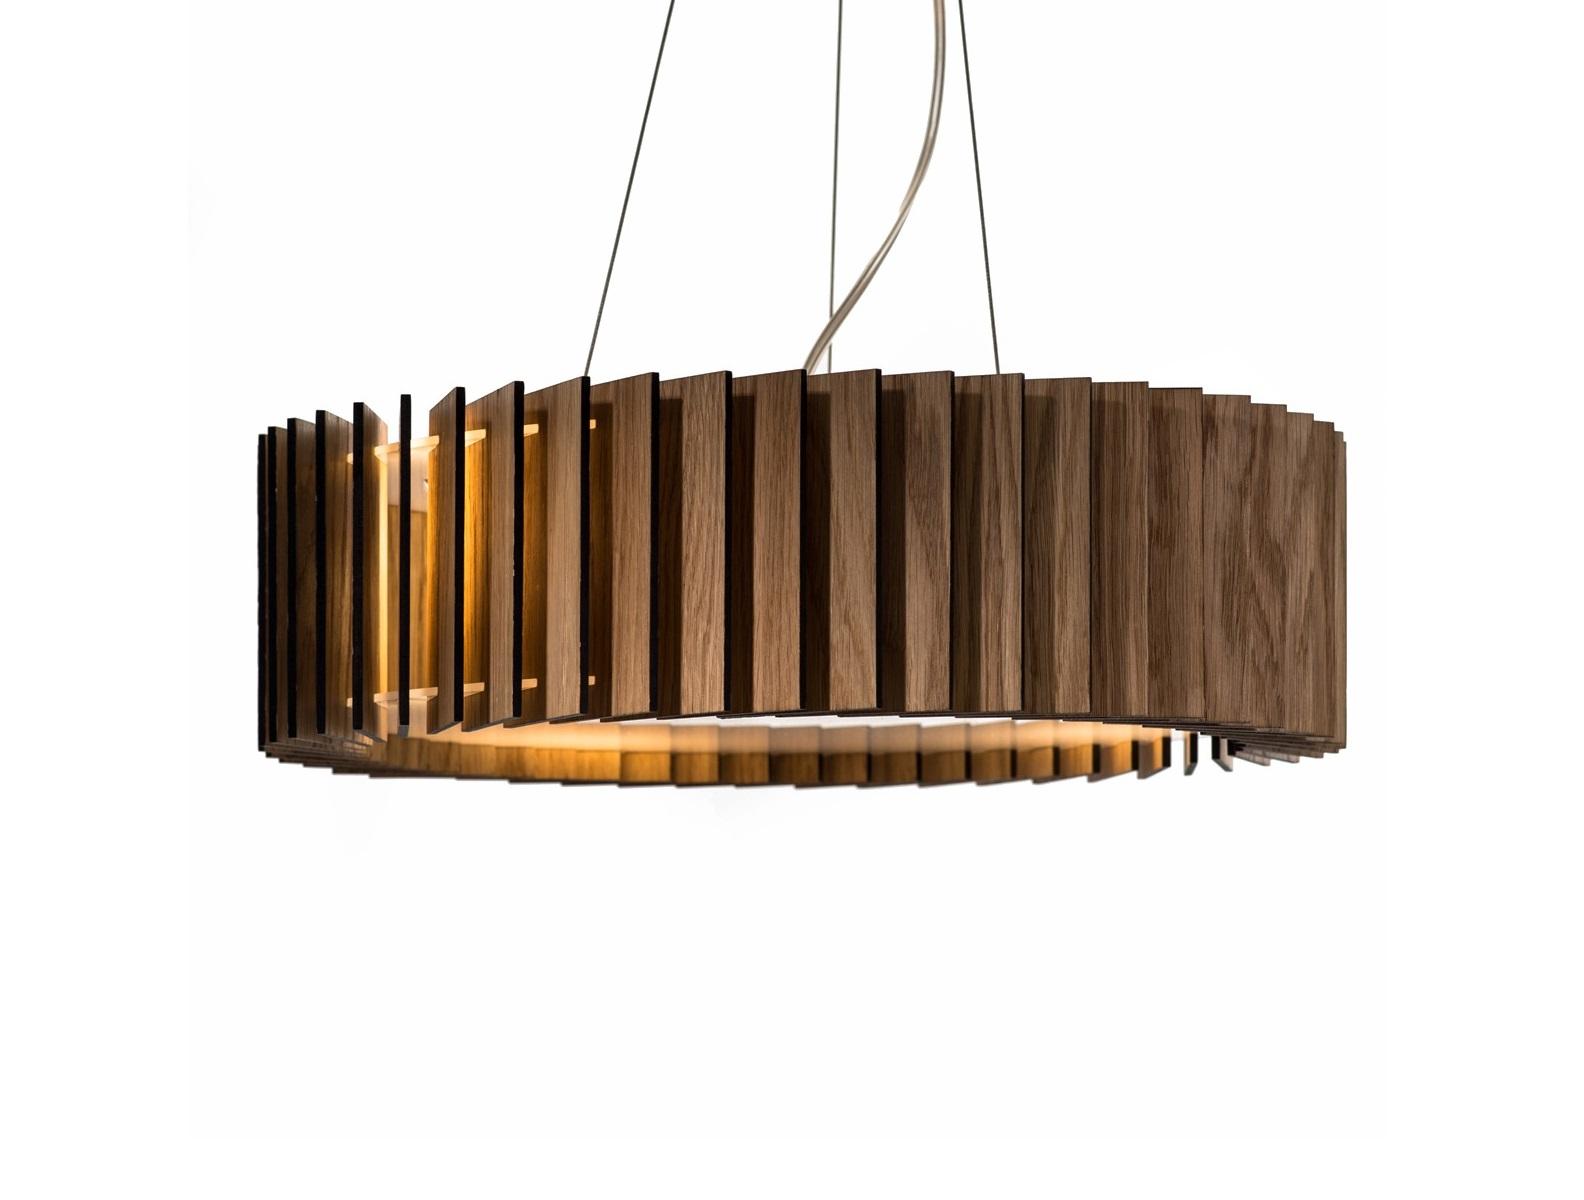 Светильник РоторПодвесные светильники<br>Ротор представляют собой светильник, основание которого изготовлено из акрилового матового стекла, деревянные пластины выполнены из шпона дуба и покрыты защитными маслами и воском. Светильник оснащён 4 патронами для светодиодных лампочек, что обеспечит яркий поток света для всего помещения.&amp;amp;nbsp;&amp;lt;div&amp;gt;&amp;lt;br&amp;gt;&amp;lt;/div&amp;gt;&amp;lt;div&amp;gt;&amp;lt;div&amp;gt;Вид цоколя: E27&amp;lt;/div&amp;gt;&amp;lt;div&amp;gt;Мощность: &amp;amp;nbsp;9W&amp;amp;nbsp;&amp;lt;/div&amp;gt;&amp;lt;div&amp;gt;Количество ламп: 4 (нет в комплекте)&amp;lt;/div&amp;gt;&amp;lt;/div&amp;gt;&amp;lt;div&amp;gt;Внимание! Допускается использование только светодиодных или энергосберегающих ламп мощностью не более 9 Вт.&amp;amp;nbsp;&amp;lt;/div&amp;gt;<br><br>Material: Стекло<br>Высота см: 12